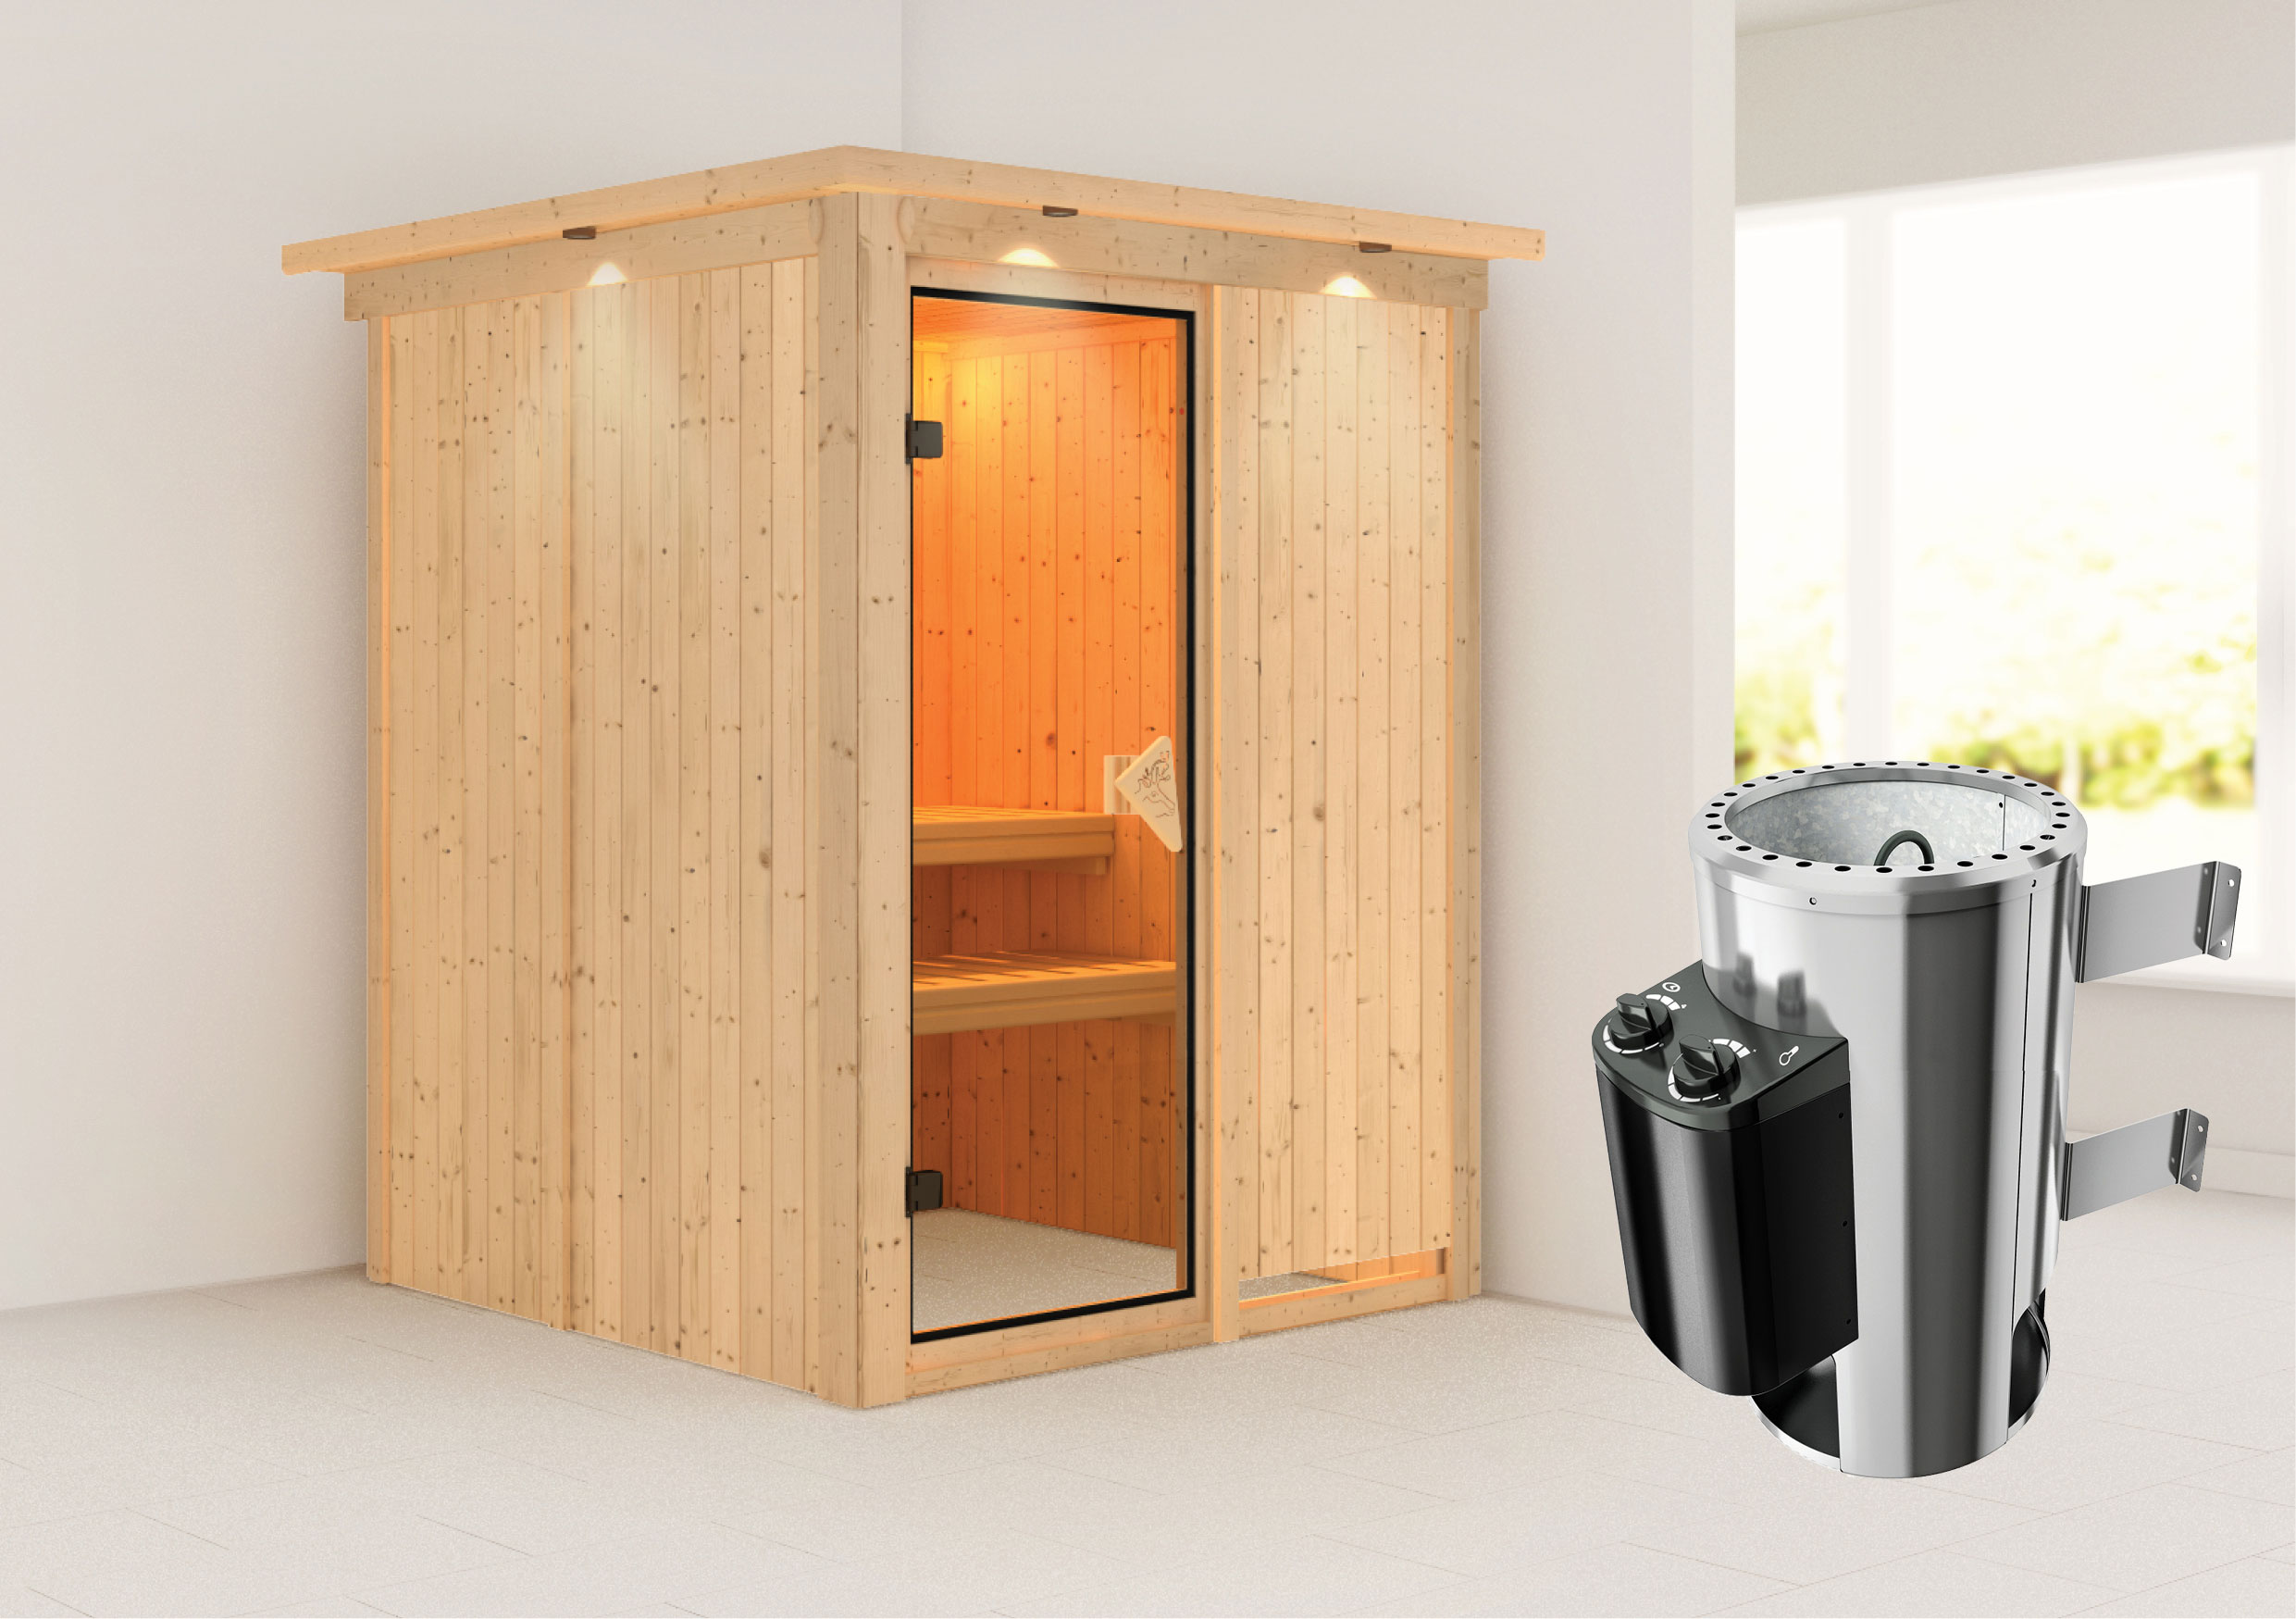 Karibu Sauna Minja 68mm 230V Dachkranz + Ofen 3,6kW intern classic Tür Bild 1